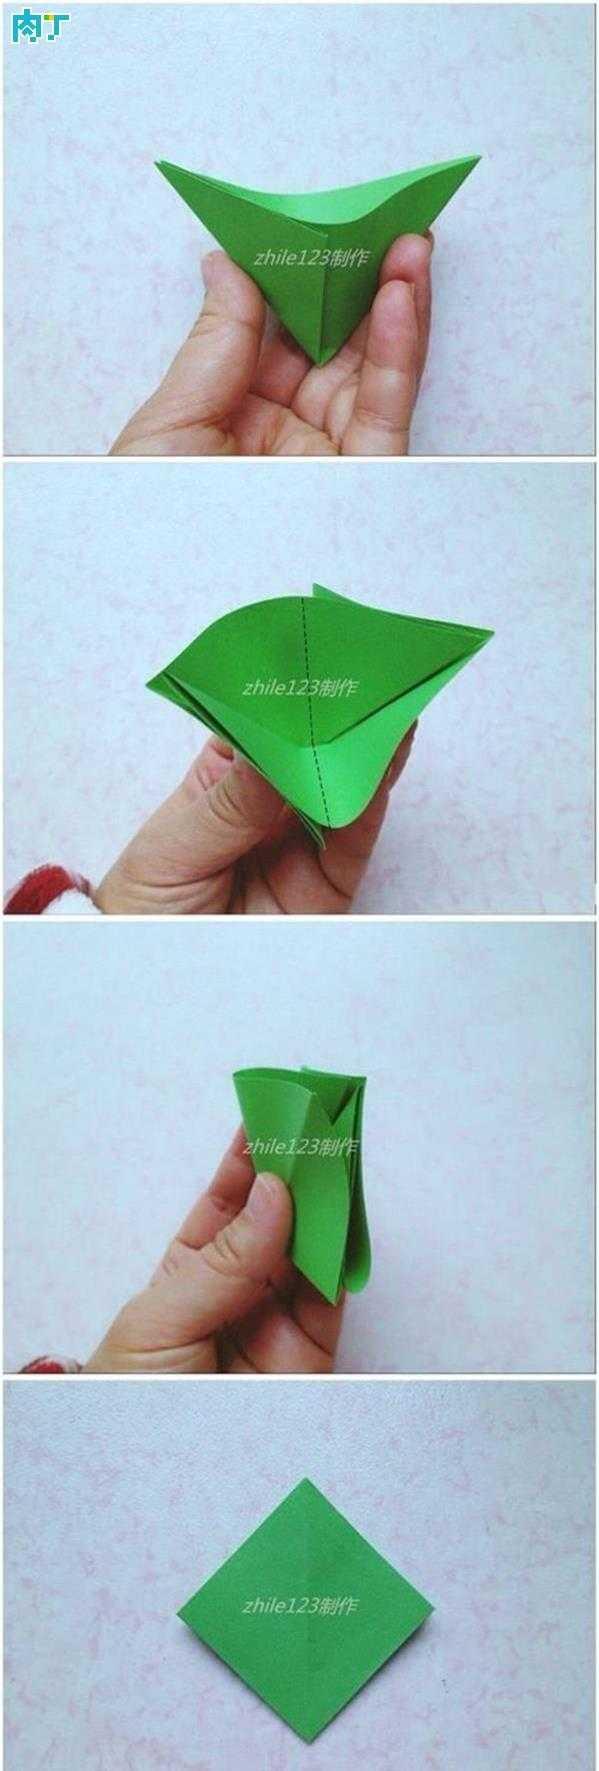 圣诞树的手工折纸制作方法 立体折纸圣诞树步骤图解